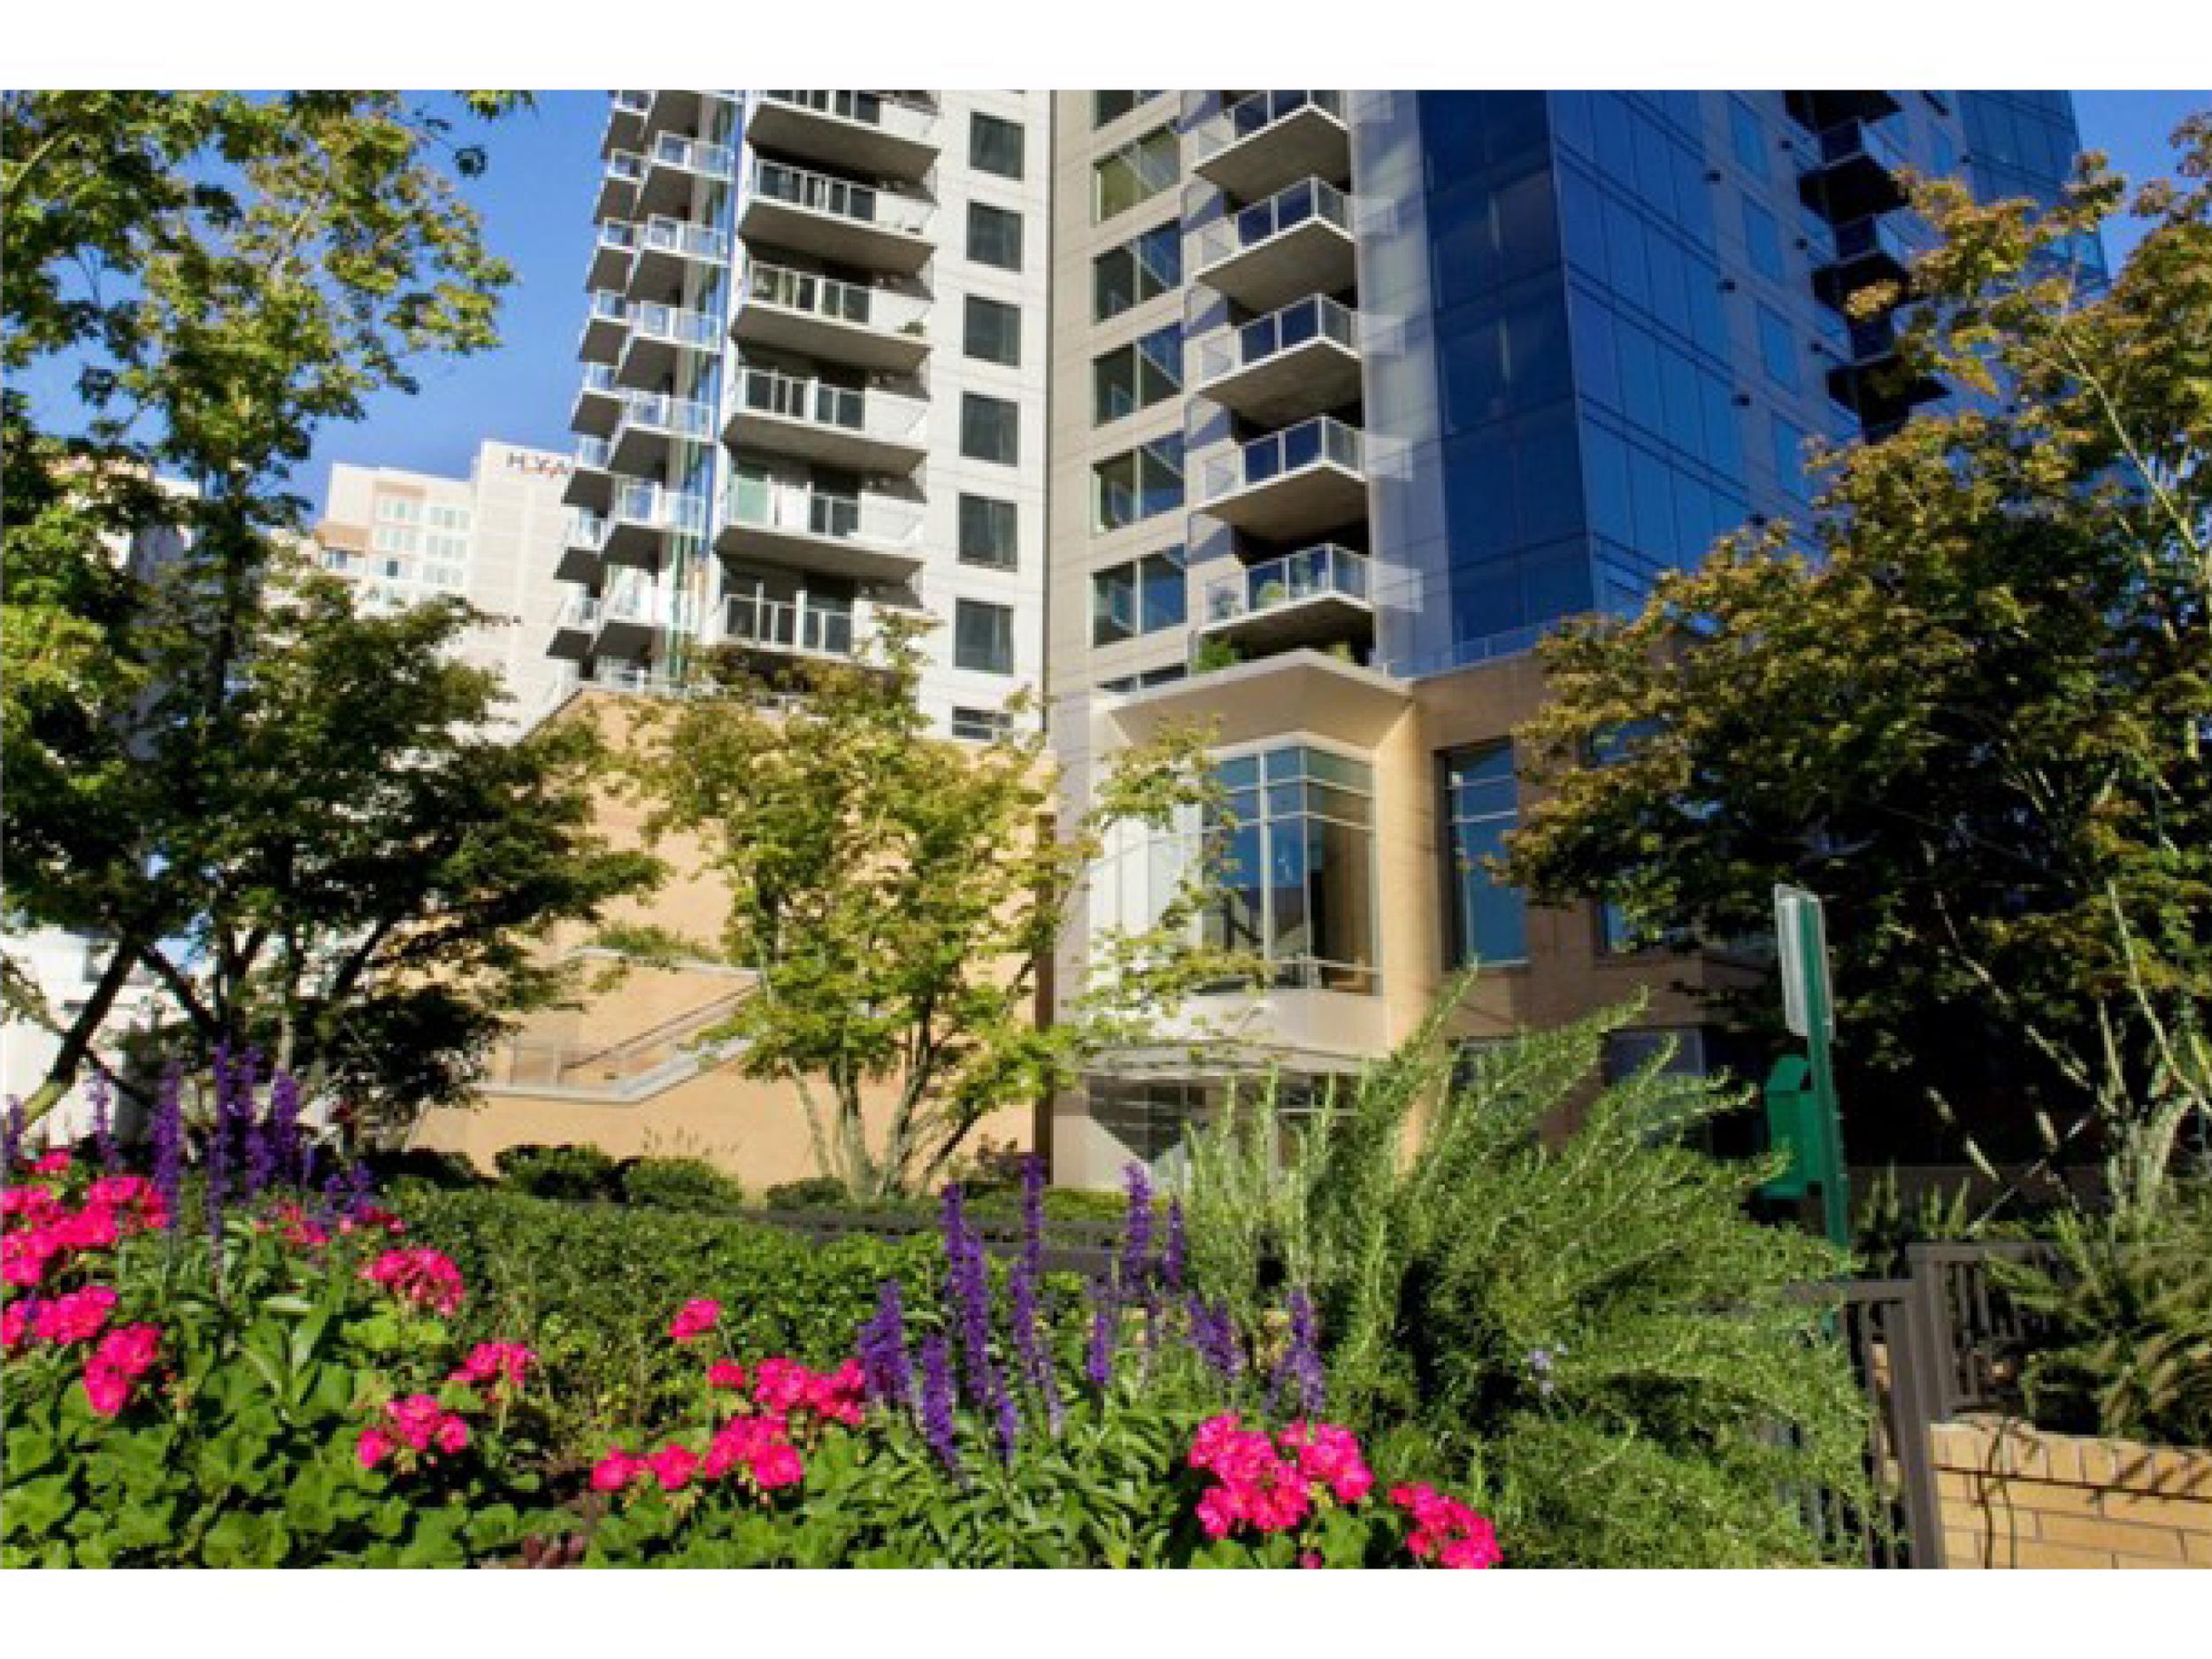 $825,000   10610 NE 9th Place #1800, Bellevue 98004